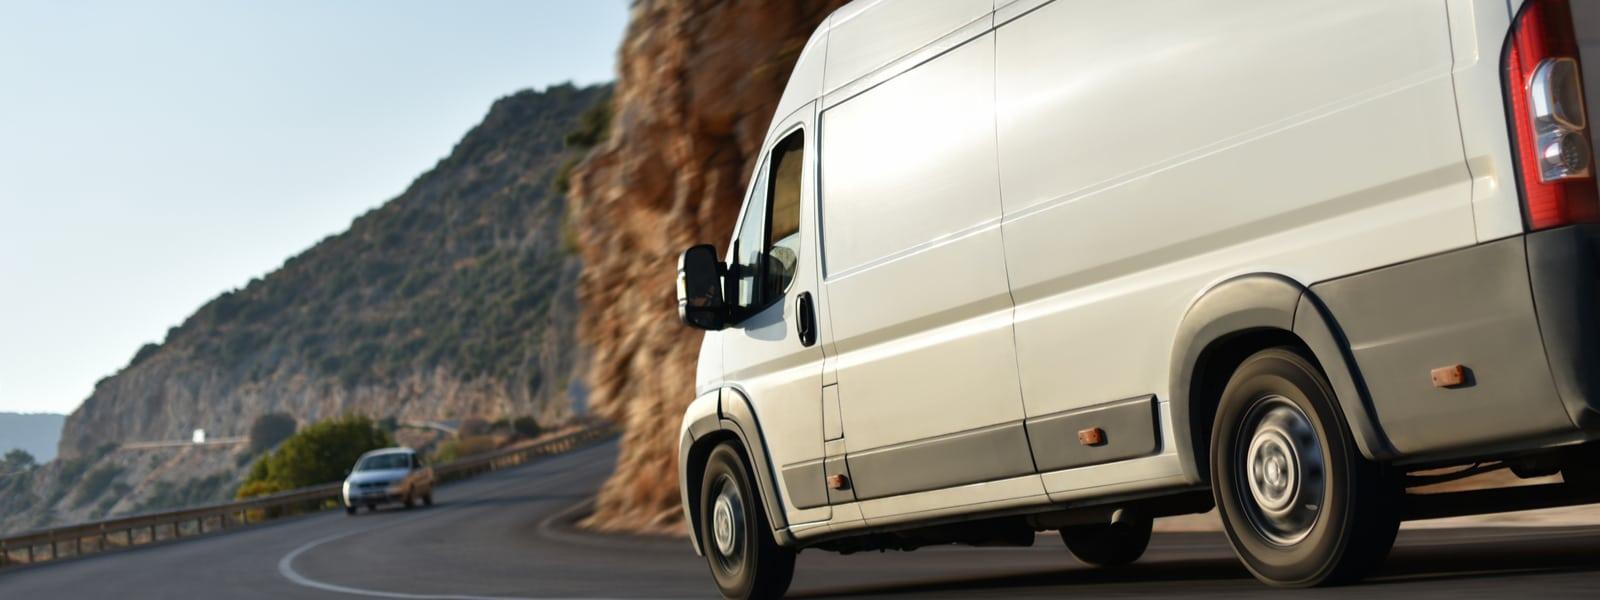 Location d'un véhicule, quels sont les avantages ?